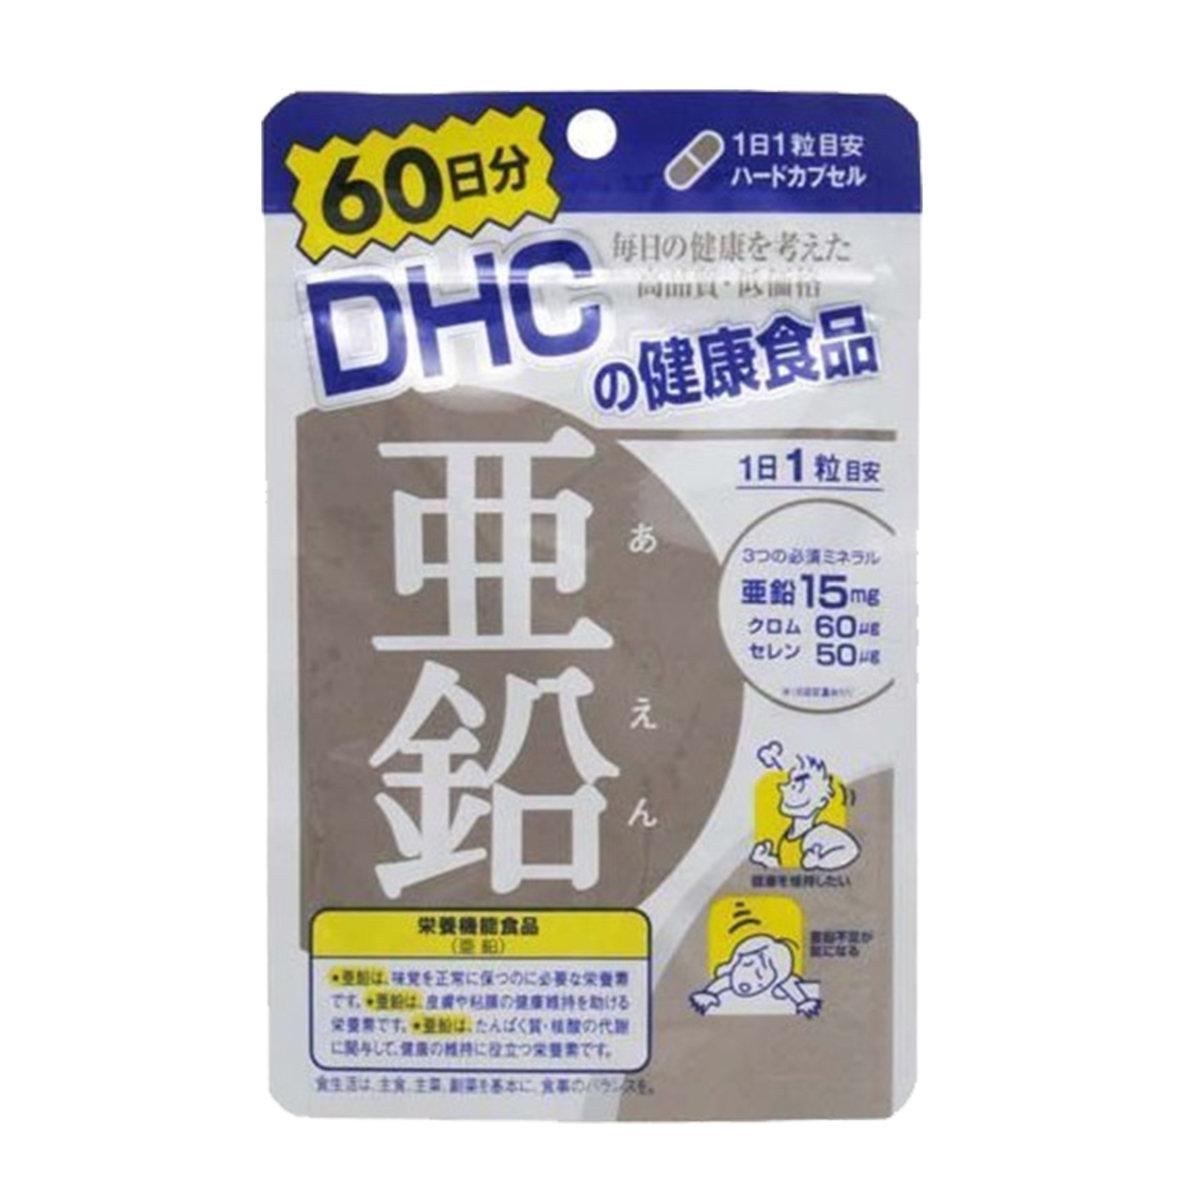 DHC Lead-active zinc Supplement (60 days) 60 capsules (Parallel Import)